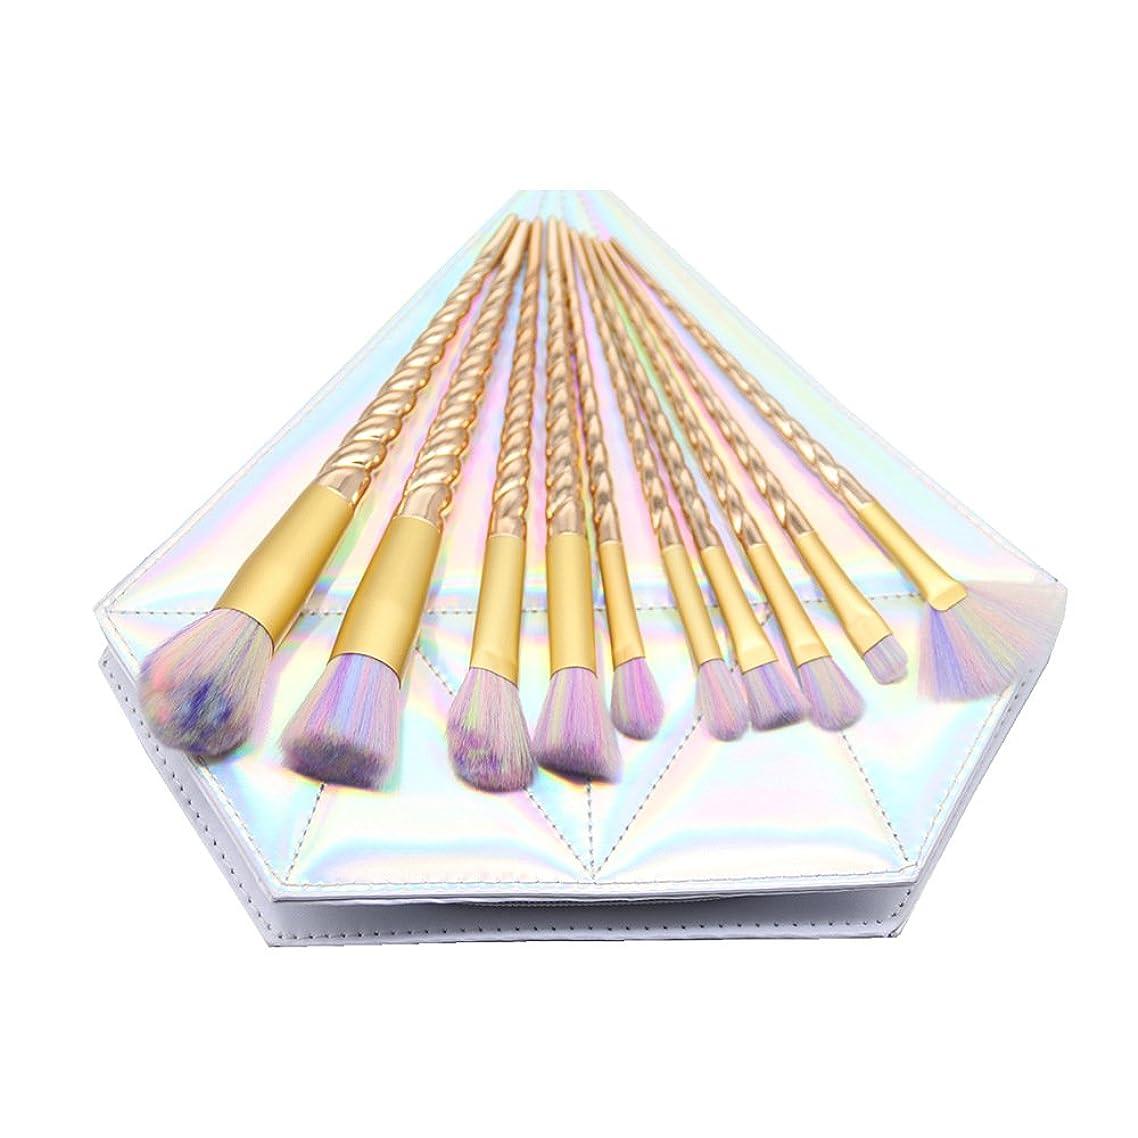 むしゃむしゃ添付相談Dilla Beauty メイクブラシセット 10本セット ユニコーンデザイン プラスチックハンドル 合成毛 ファンデーションブラシ アイシャドーブラッシャー 美容ツール 化粧品のバッグ付き